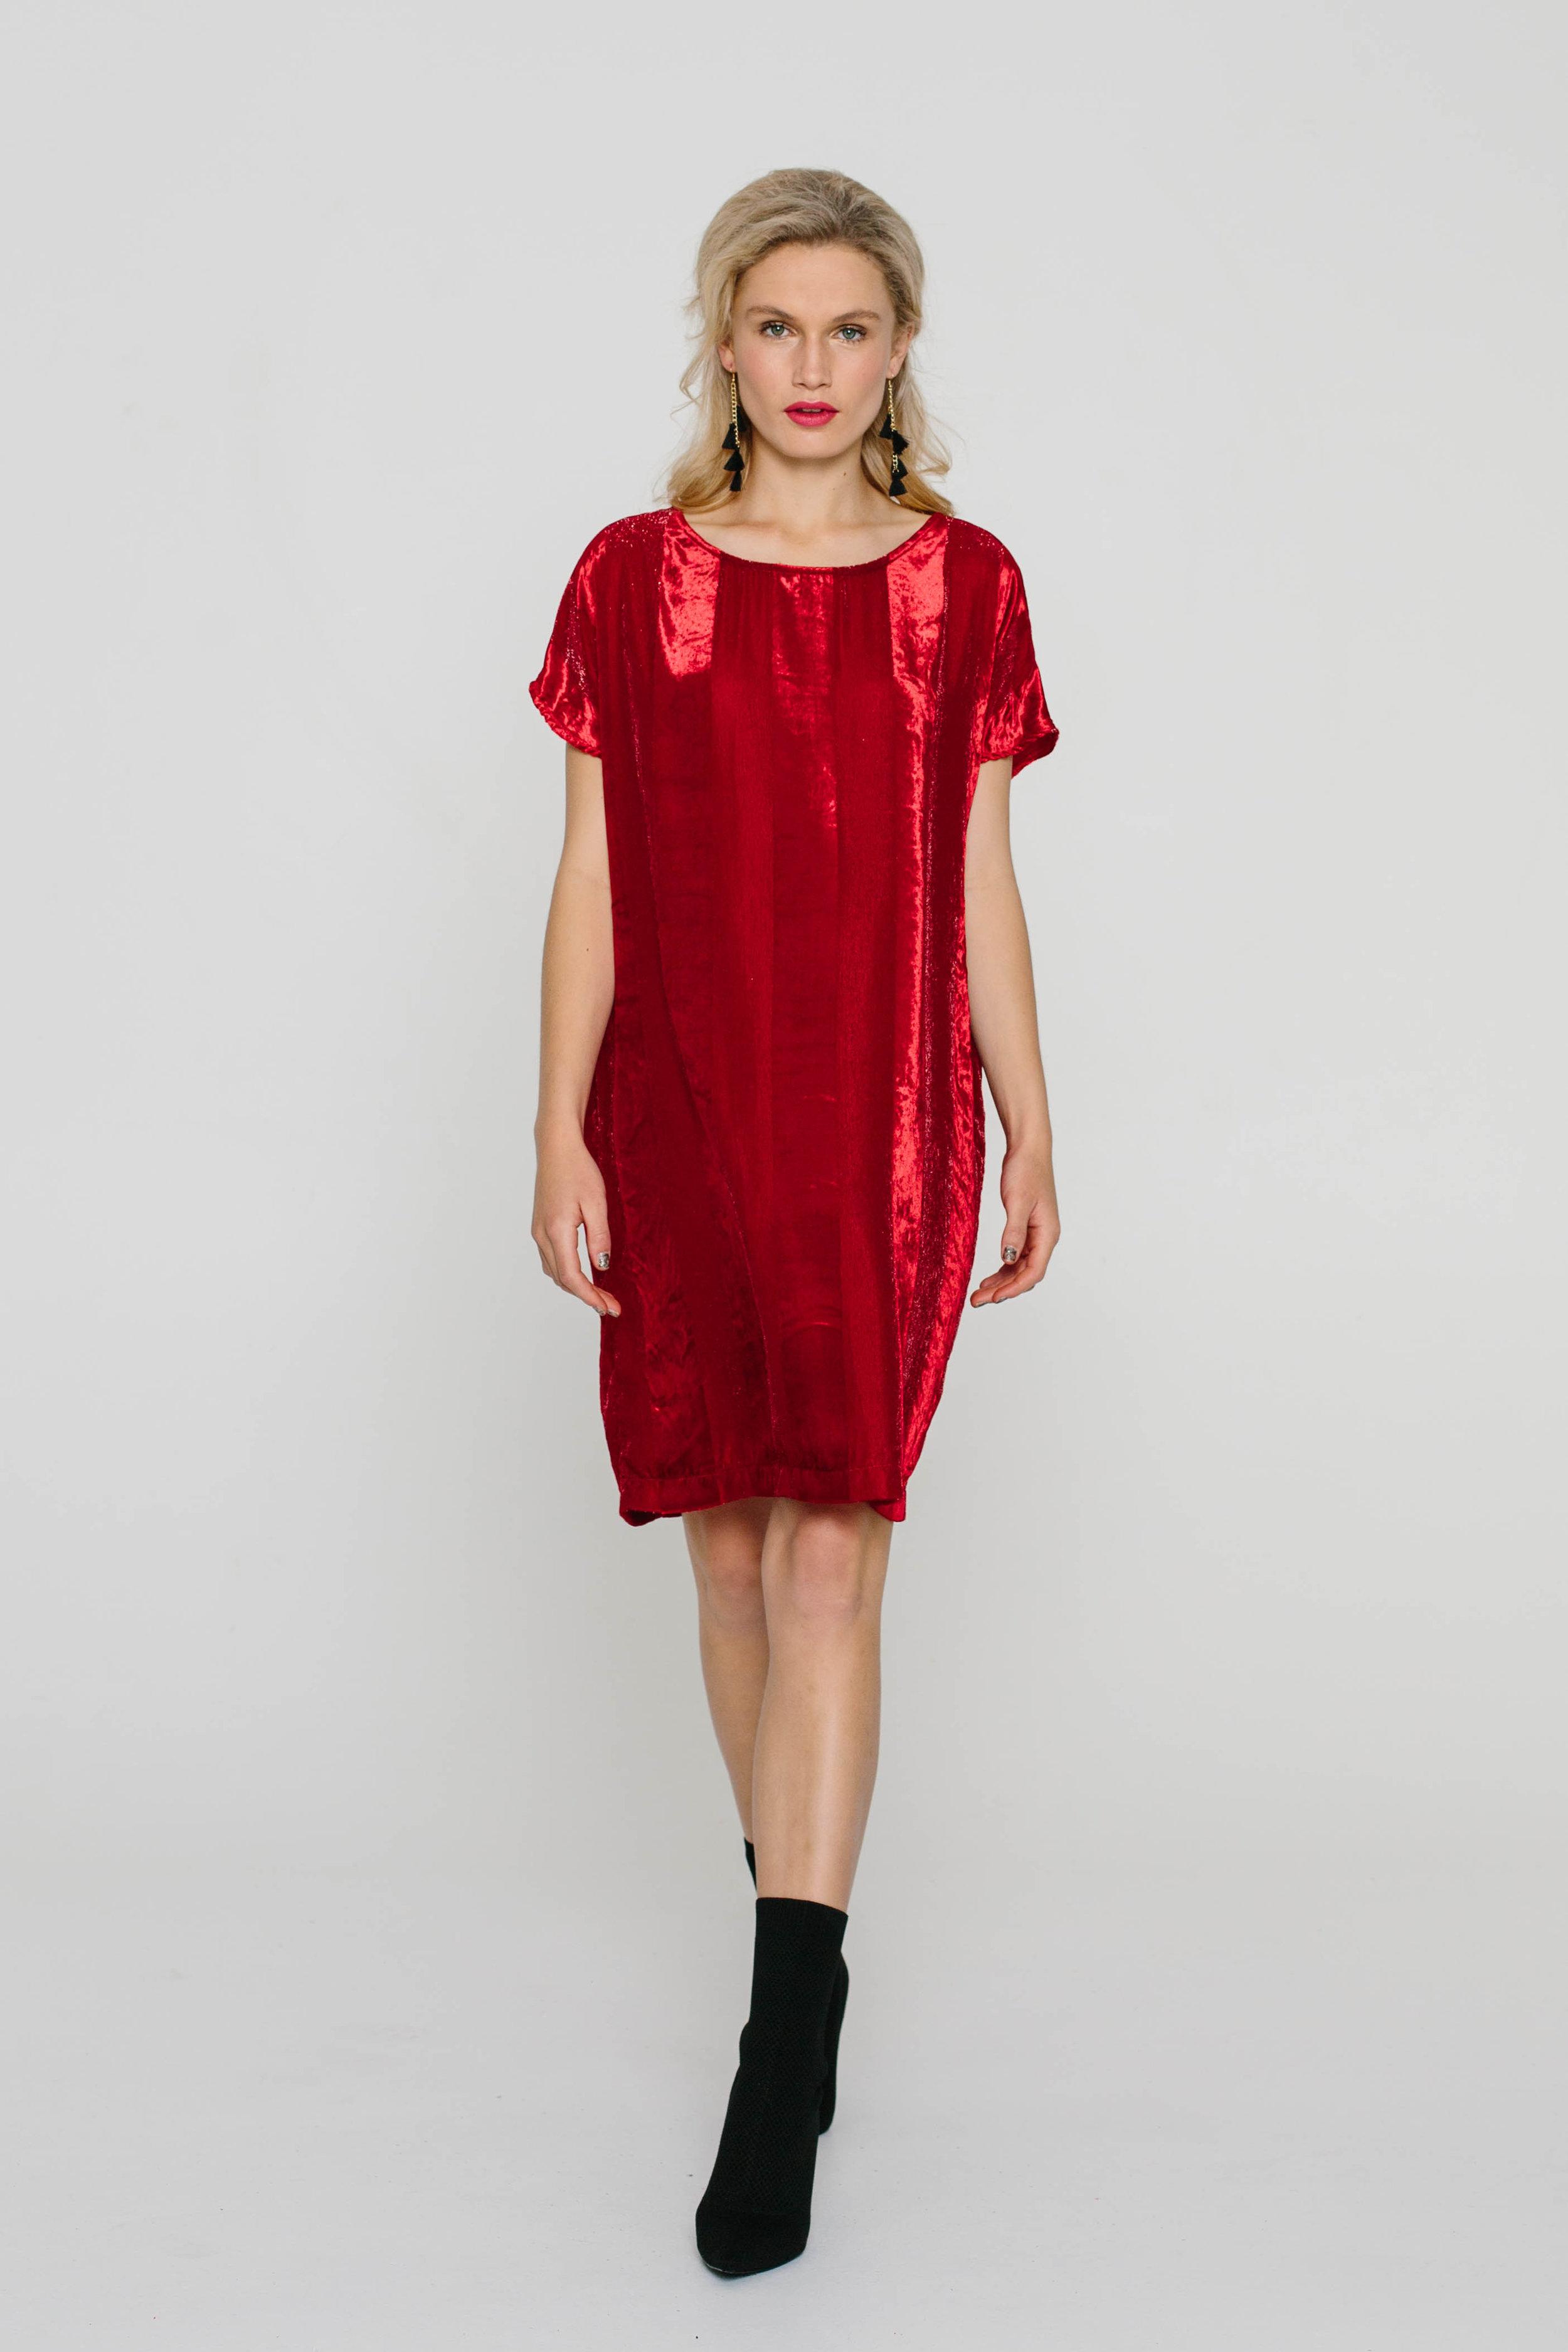 5474WA The Dress Velvet Red